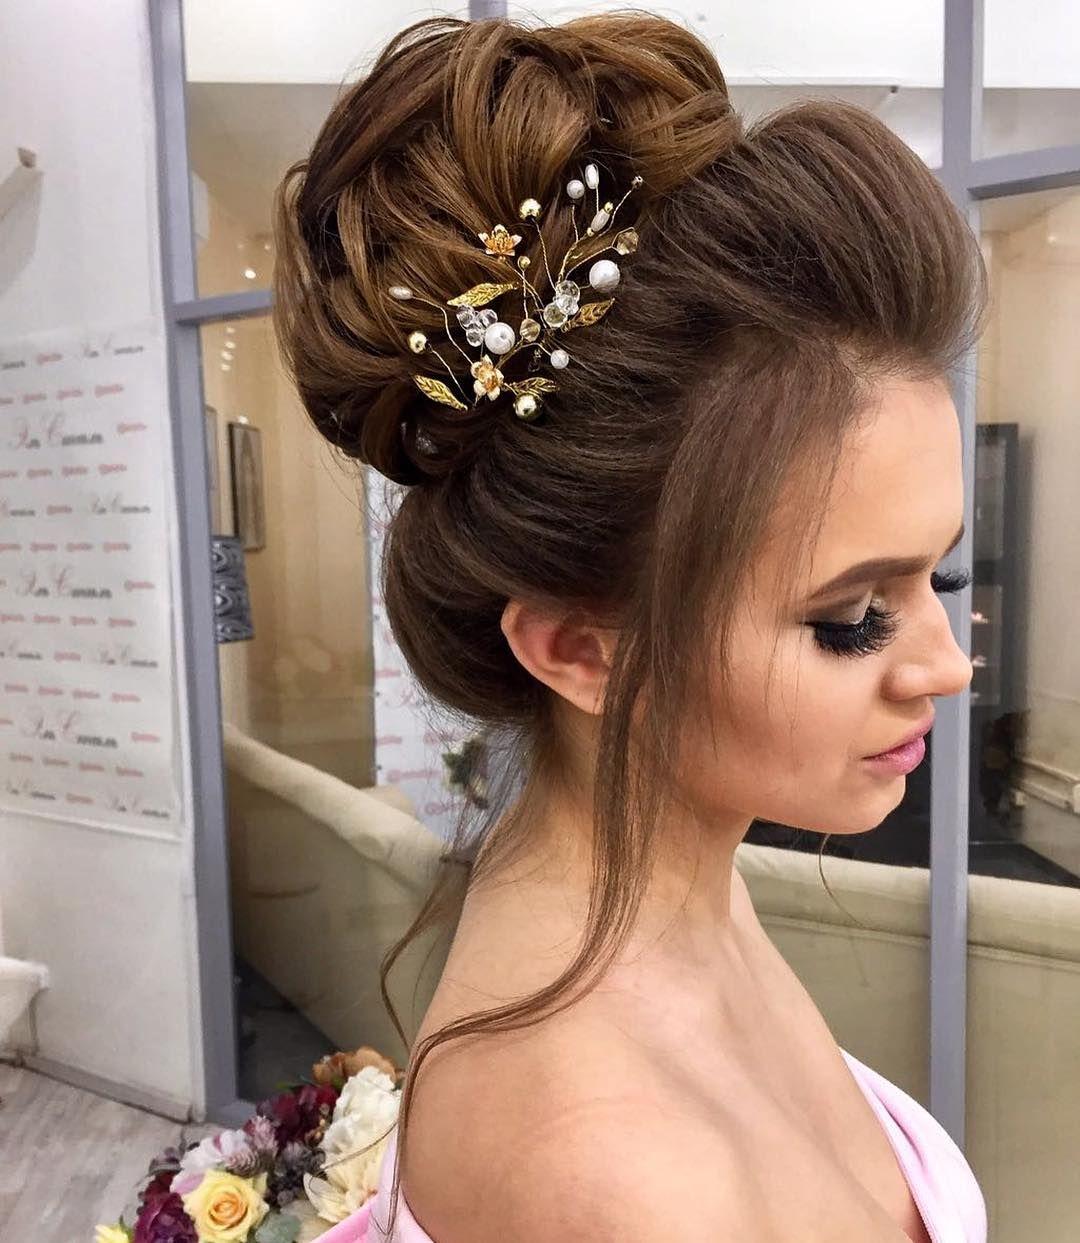 Disney Princess Updo Prom Updos